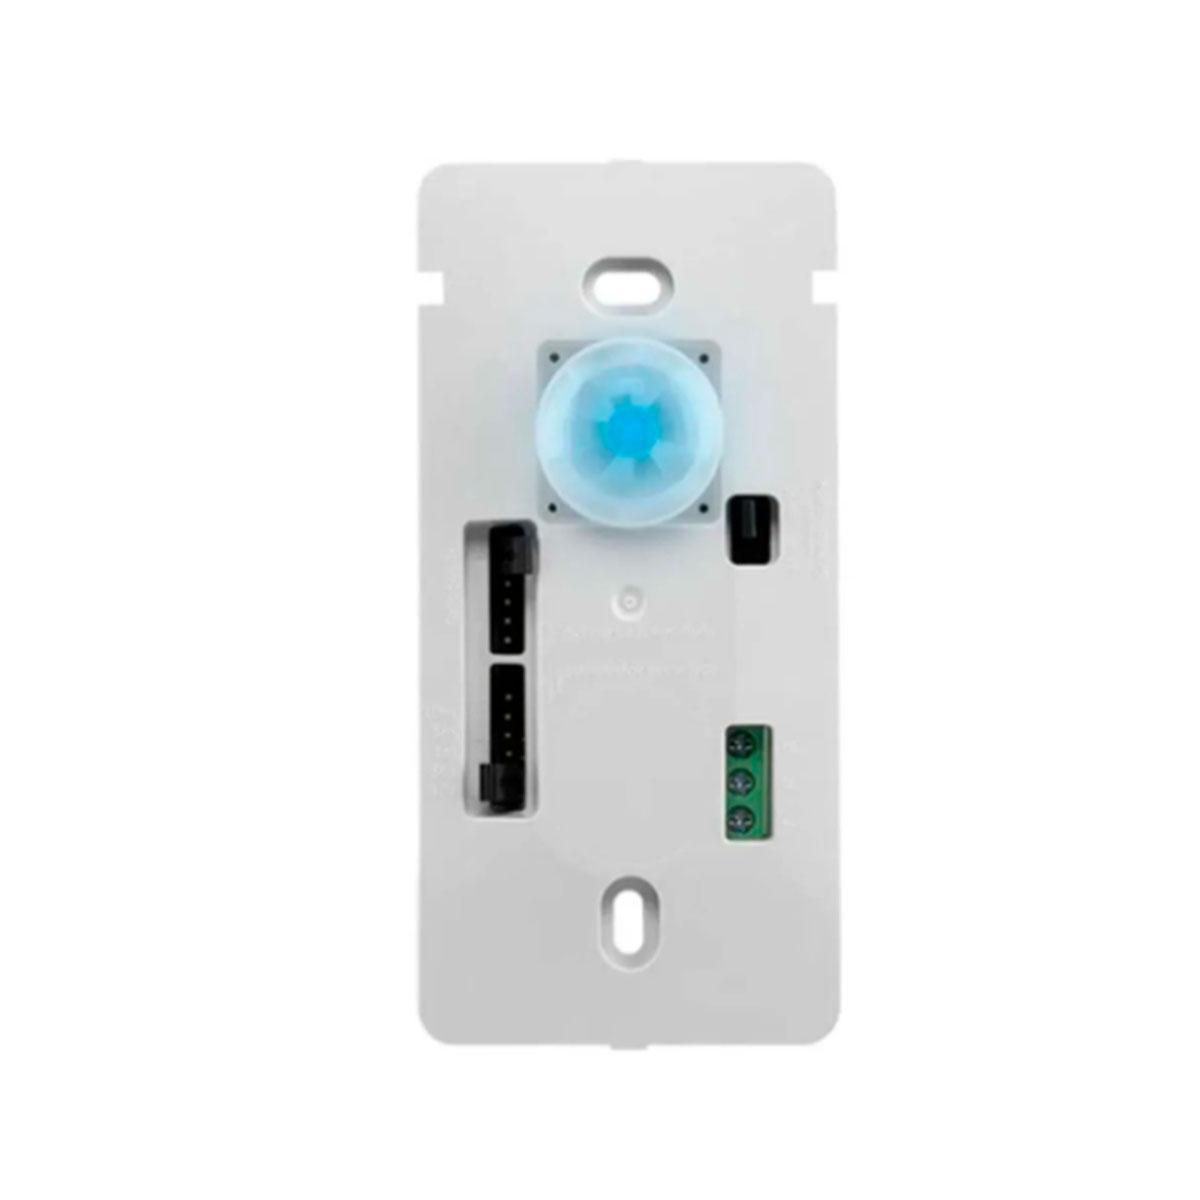 Kit 7 Interruptor Intelbras Presença e Iluminação Espi 180 E